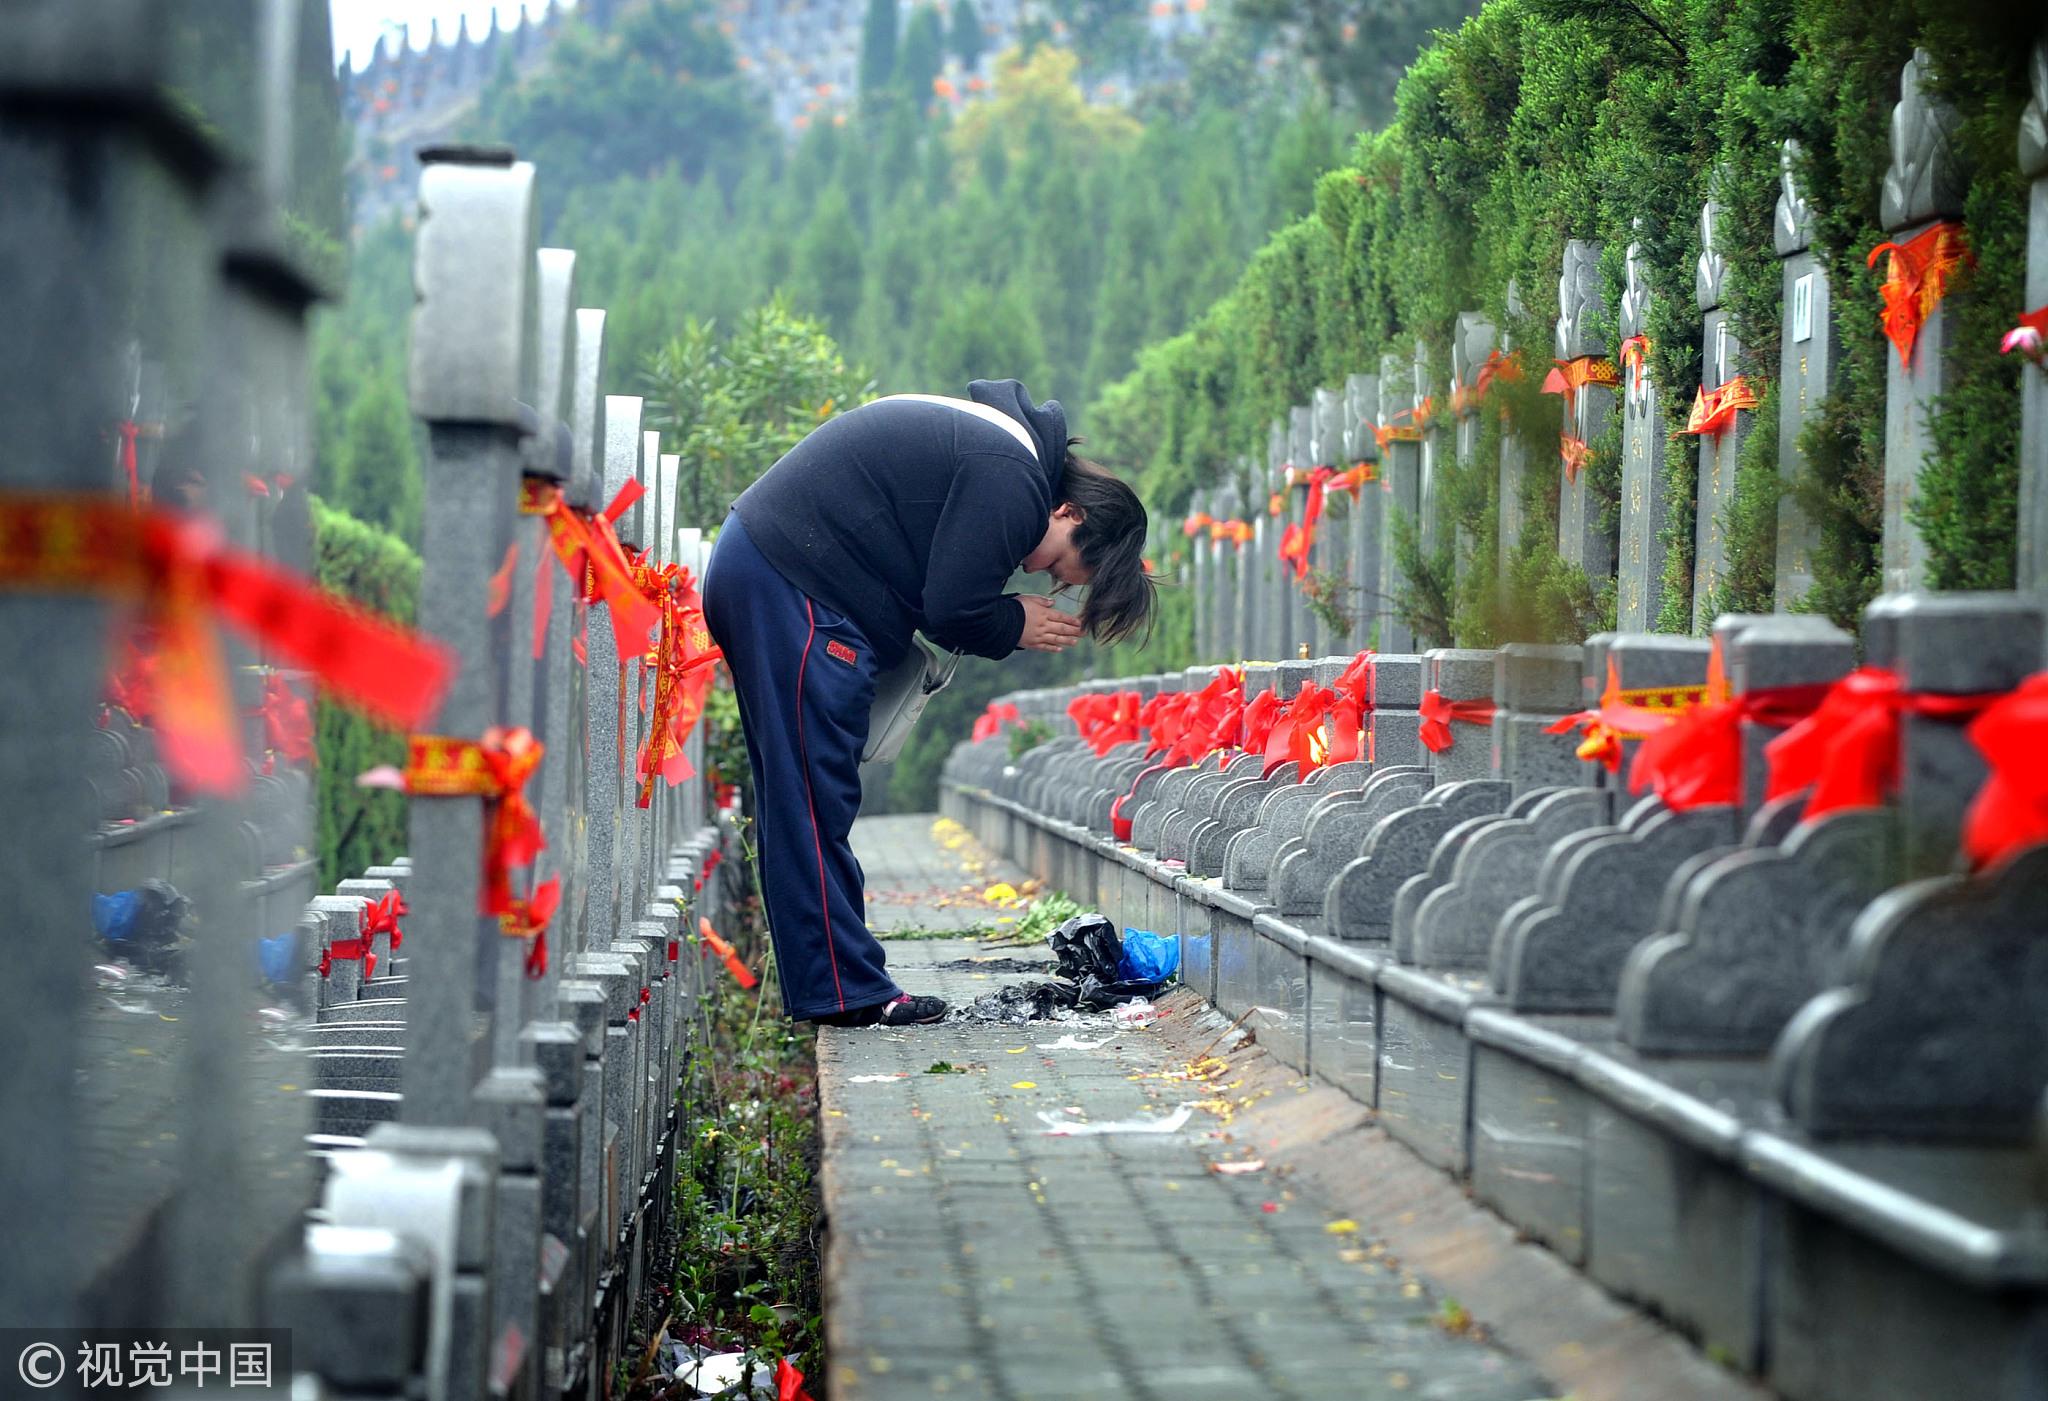 林家宅37號事件是假的解密:上海靈異鬧鬼事件老宅房屋盤點曝光